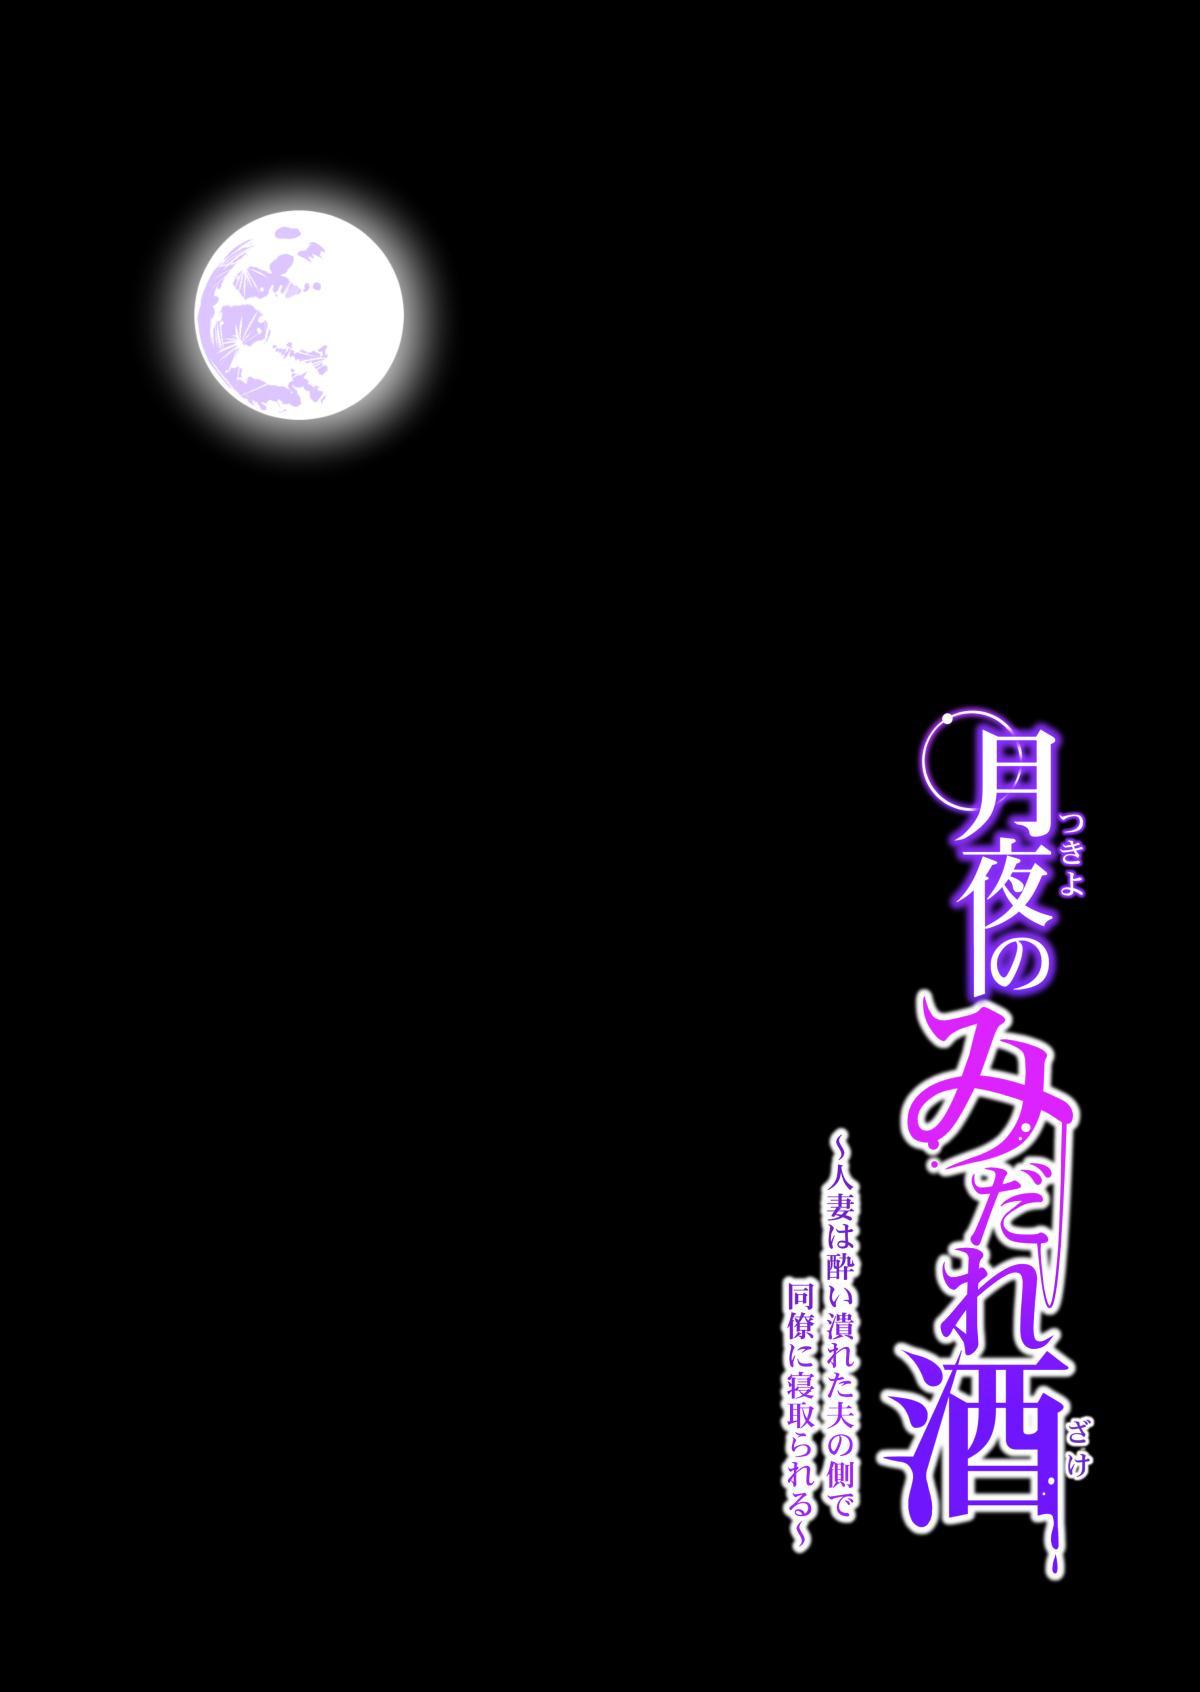 [HGT Lab (Tsusauto)] Tsukiyo no Midare Zake ~Hitozuma wa Yoitsubureta Otto no Soba de Douryou ni Netorareru~ Kouhen (CHINESE) 30